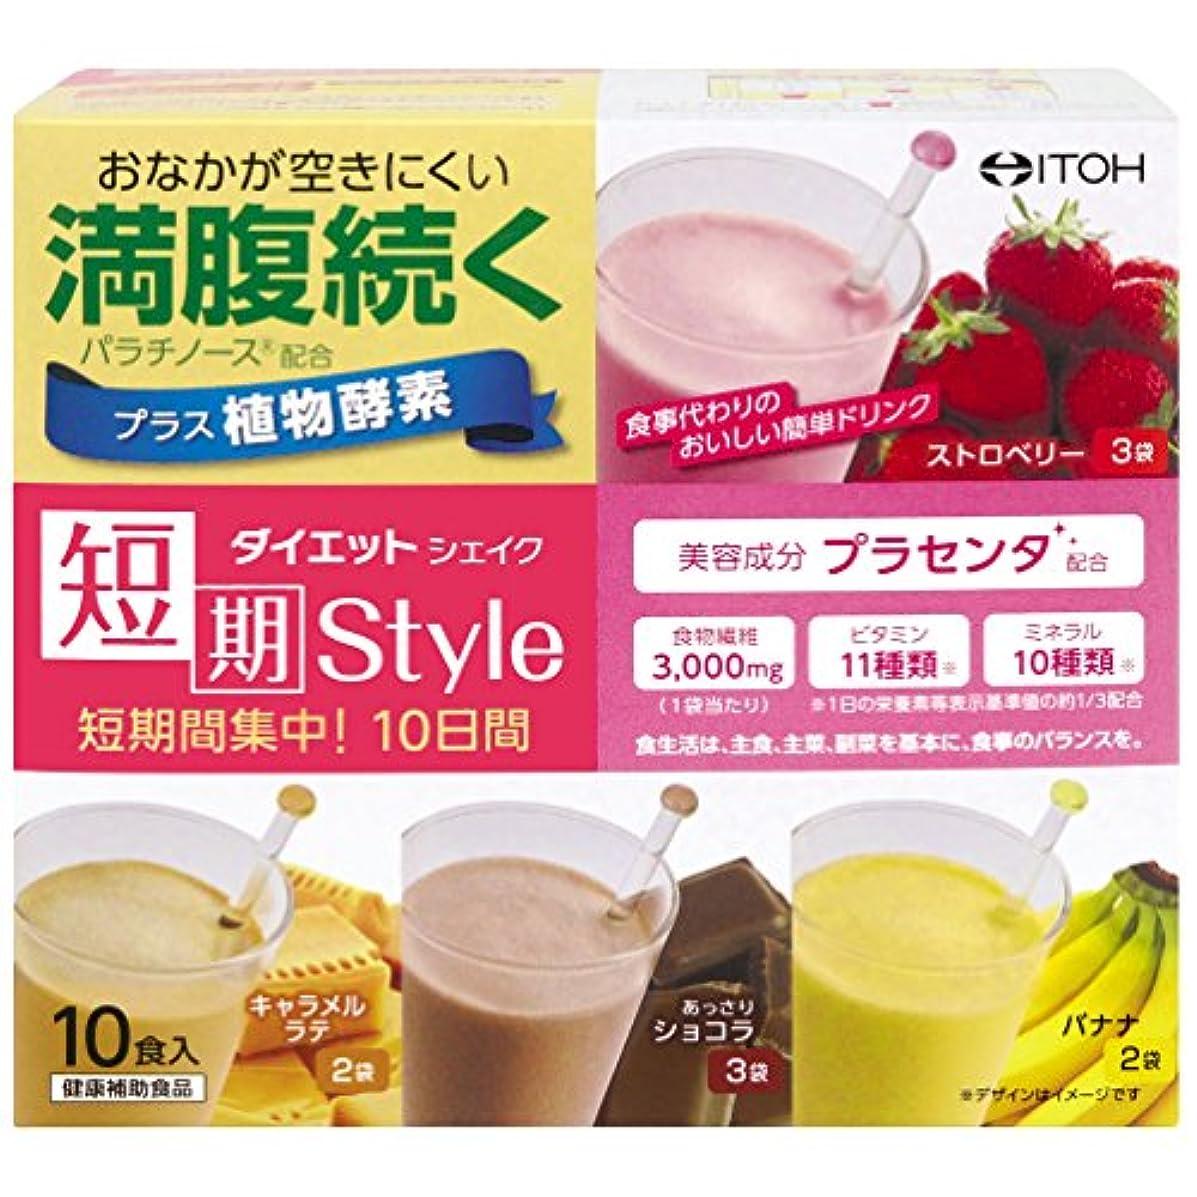 区別する辛い覗く井藤漢方製薬 短期スタイル ダイエットシェイク 10食分 25gX10袋